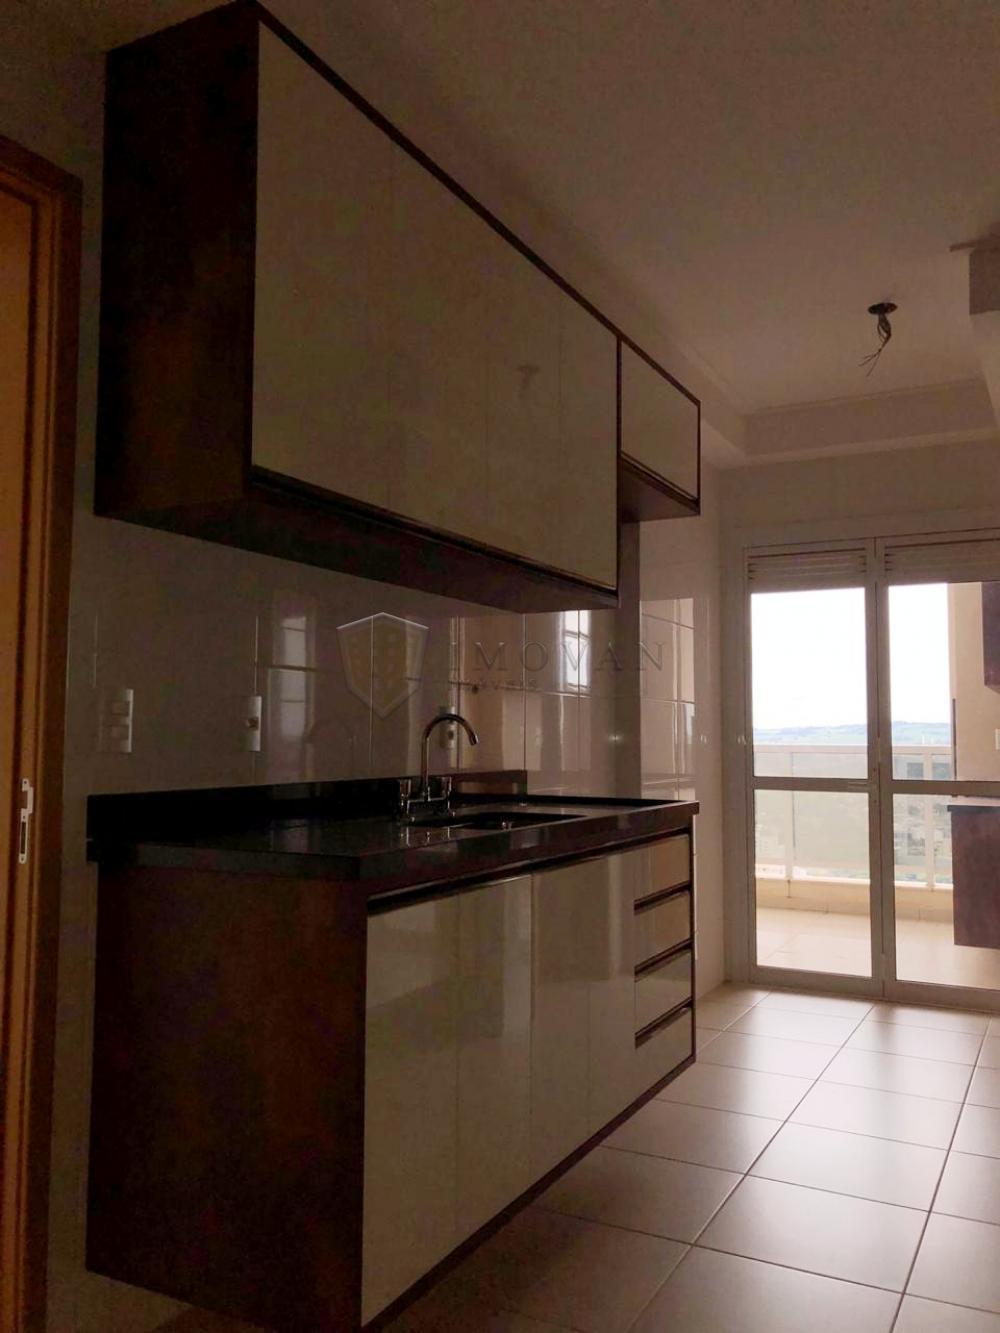 Alugar Apartamento / Padrão em Ribeirão Preto apenas R$ 3.200,00 - Foto 18